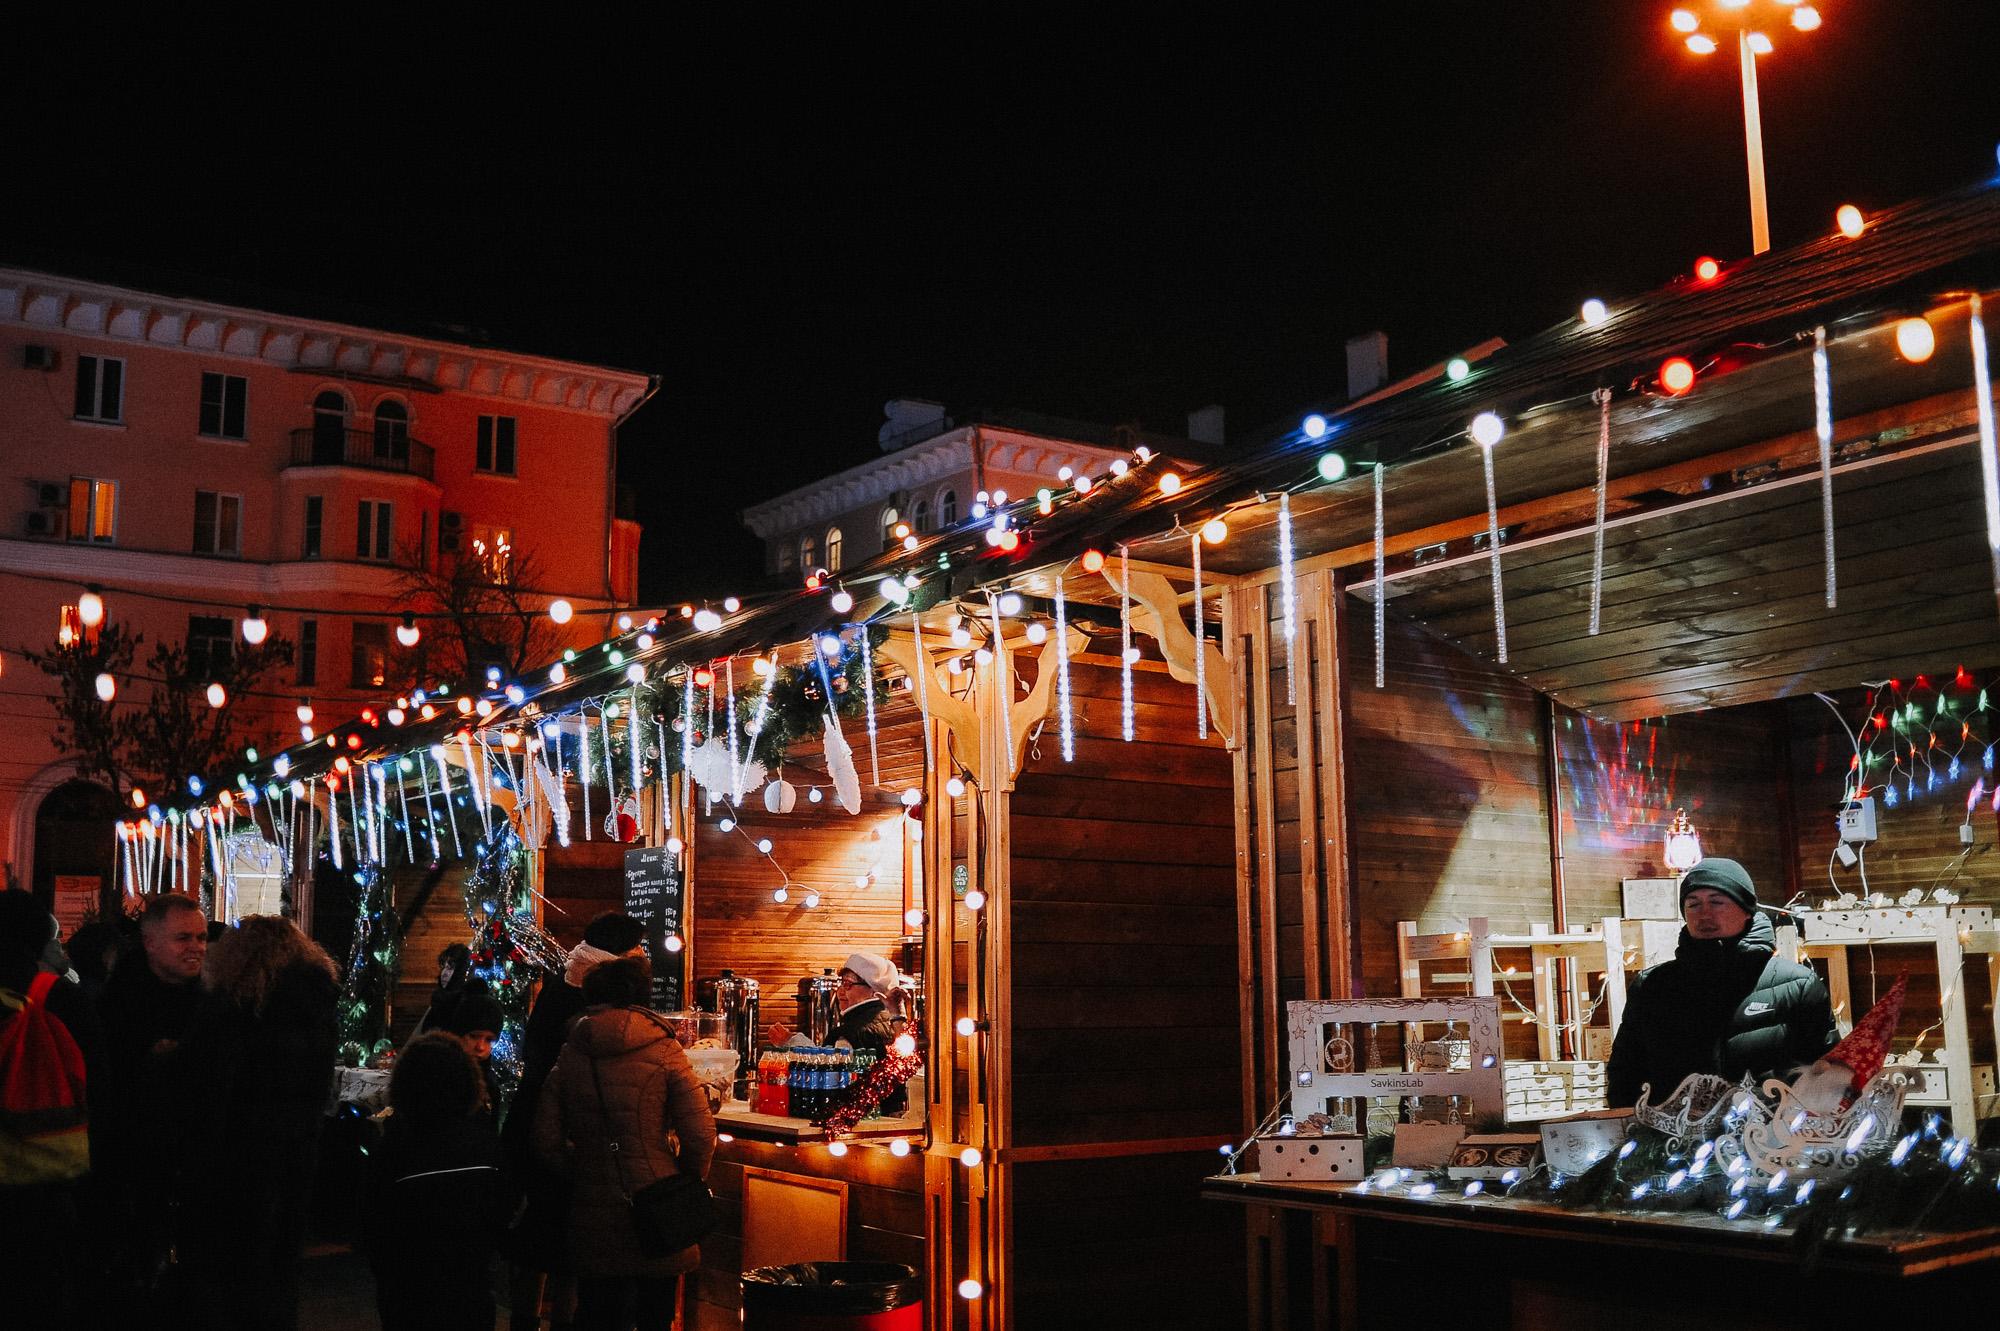 ZZZ 6856 В Астрахани на площади Ленина зажгли новогоднюю елку: кадры торжества